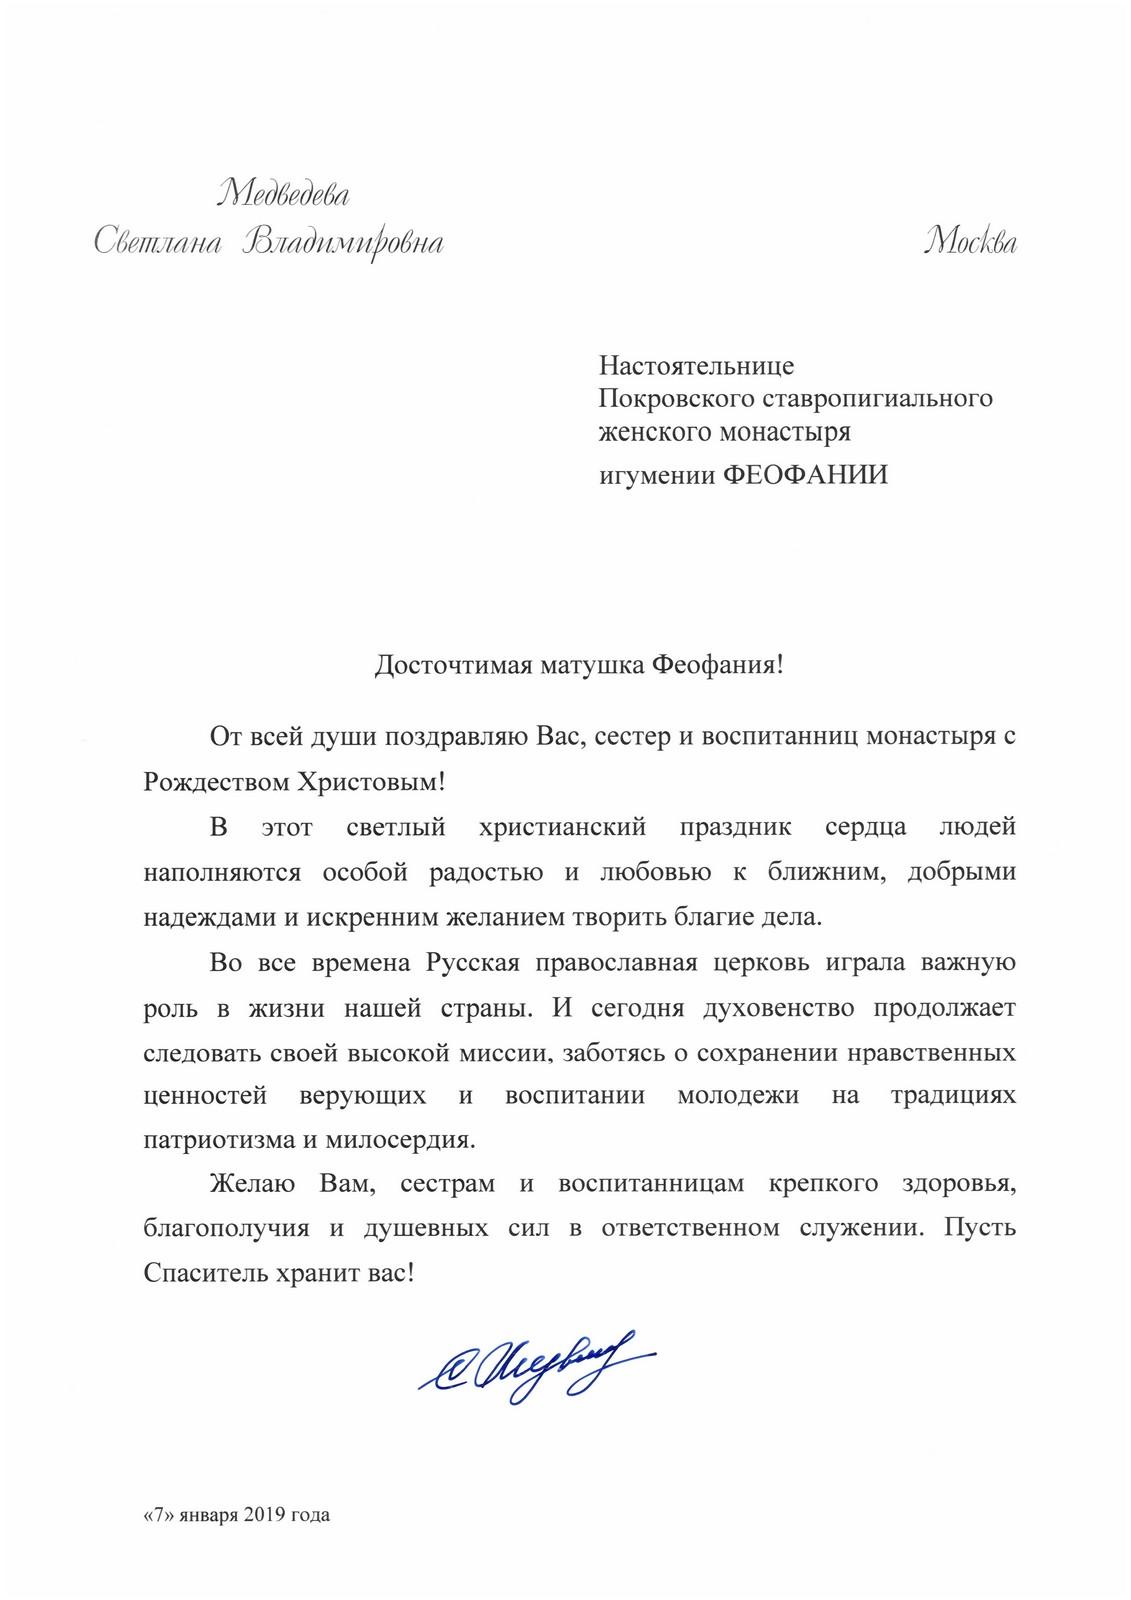 Поздравления с Рождеством Христовым Светланы Владимировны Медведевой